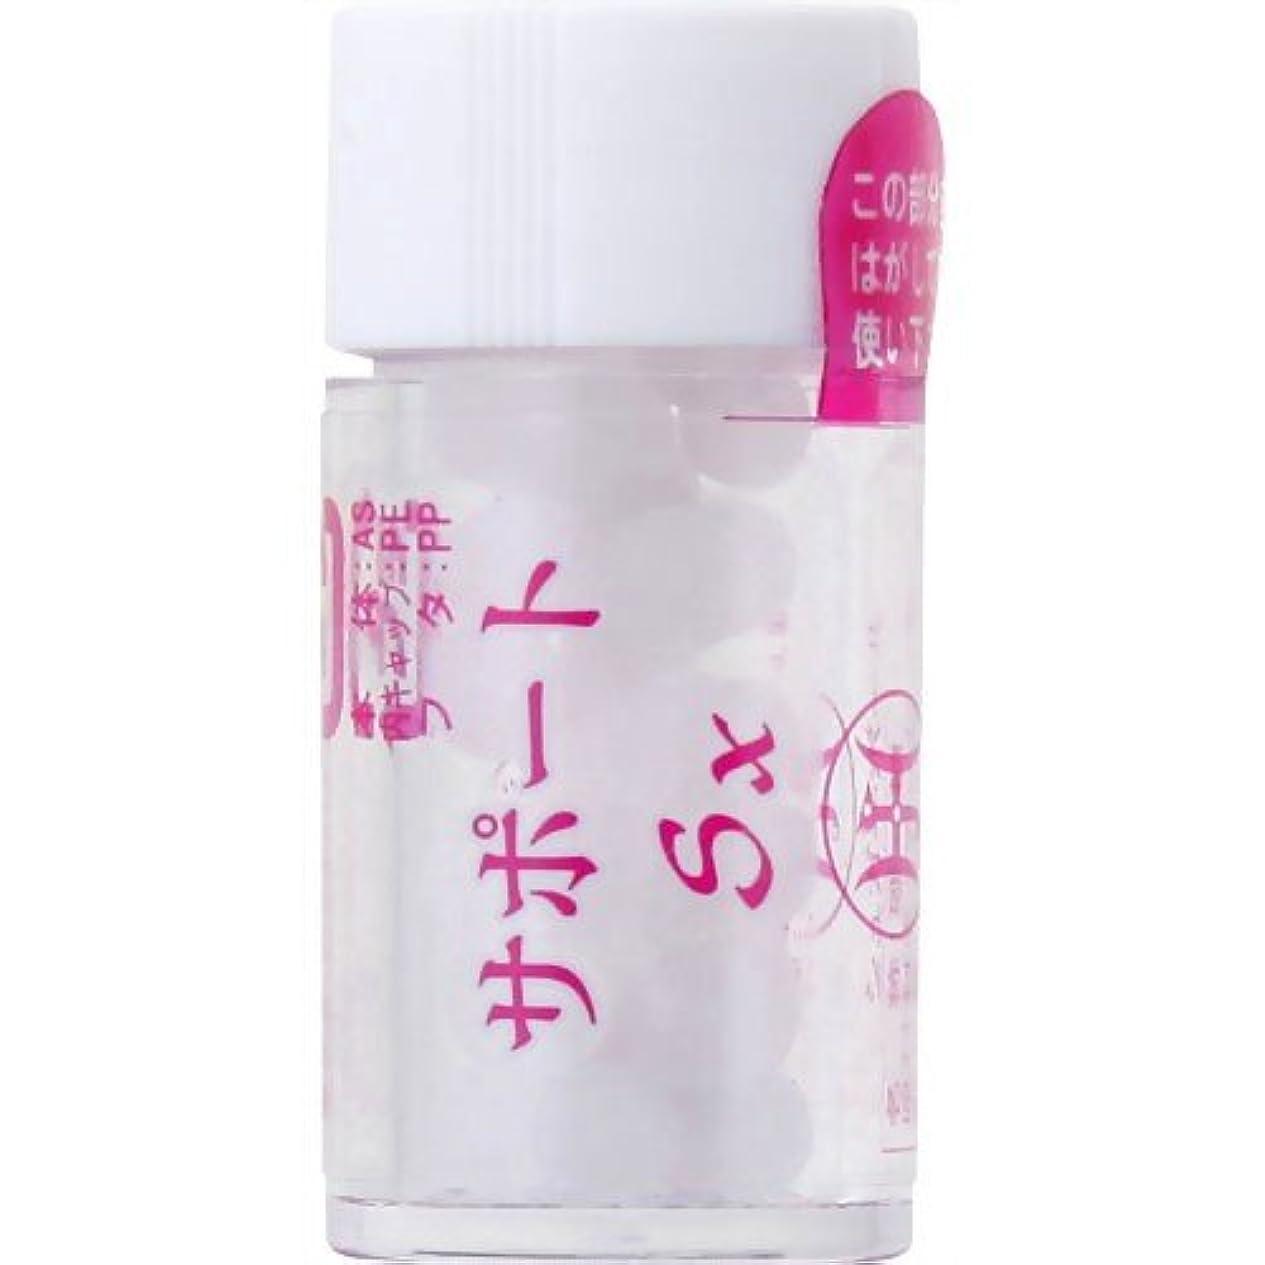 参照する発掘クラウンホメオパシージャパンレメディー サポートSx(小ビン)